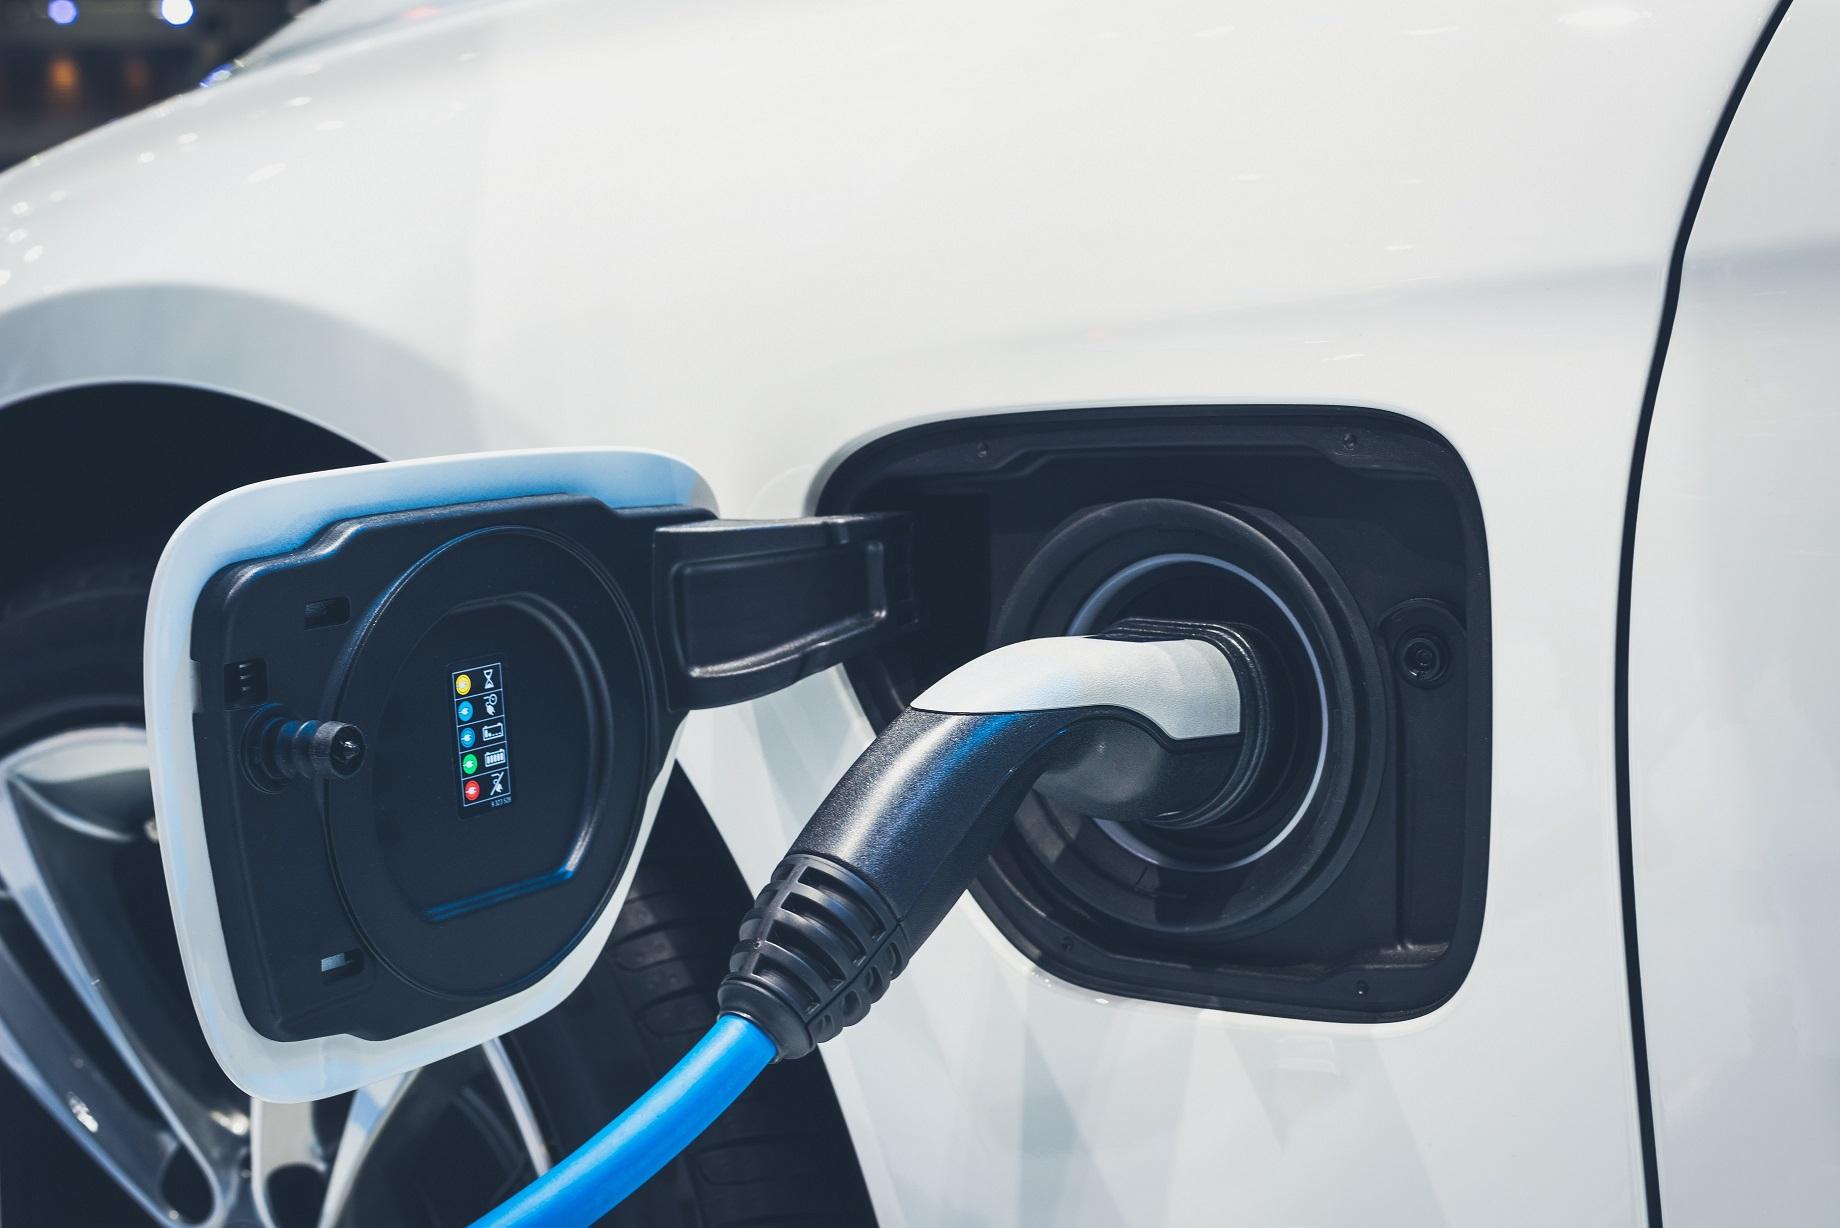 E-Auto Brandbekämpfung von Lithium-Ionen-Batterien